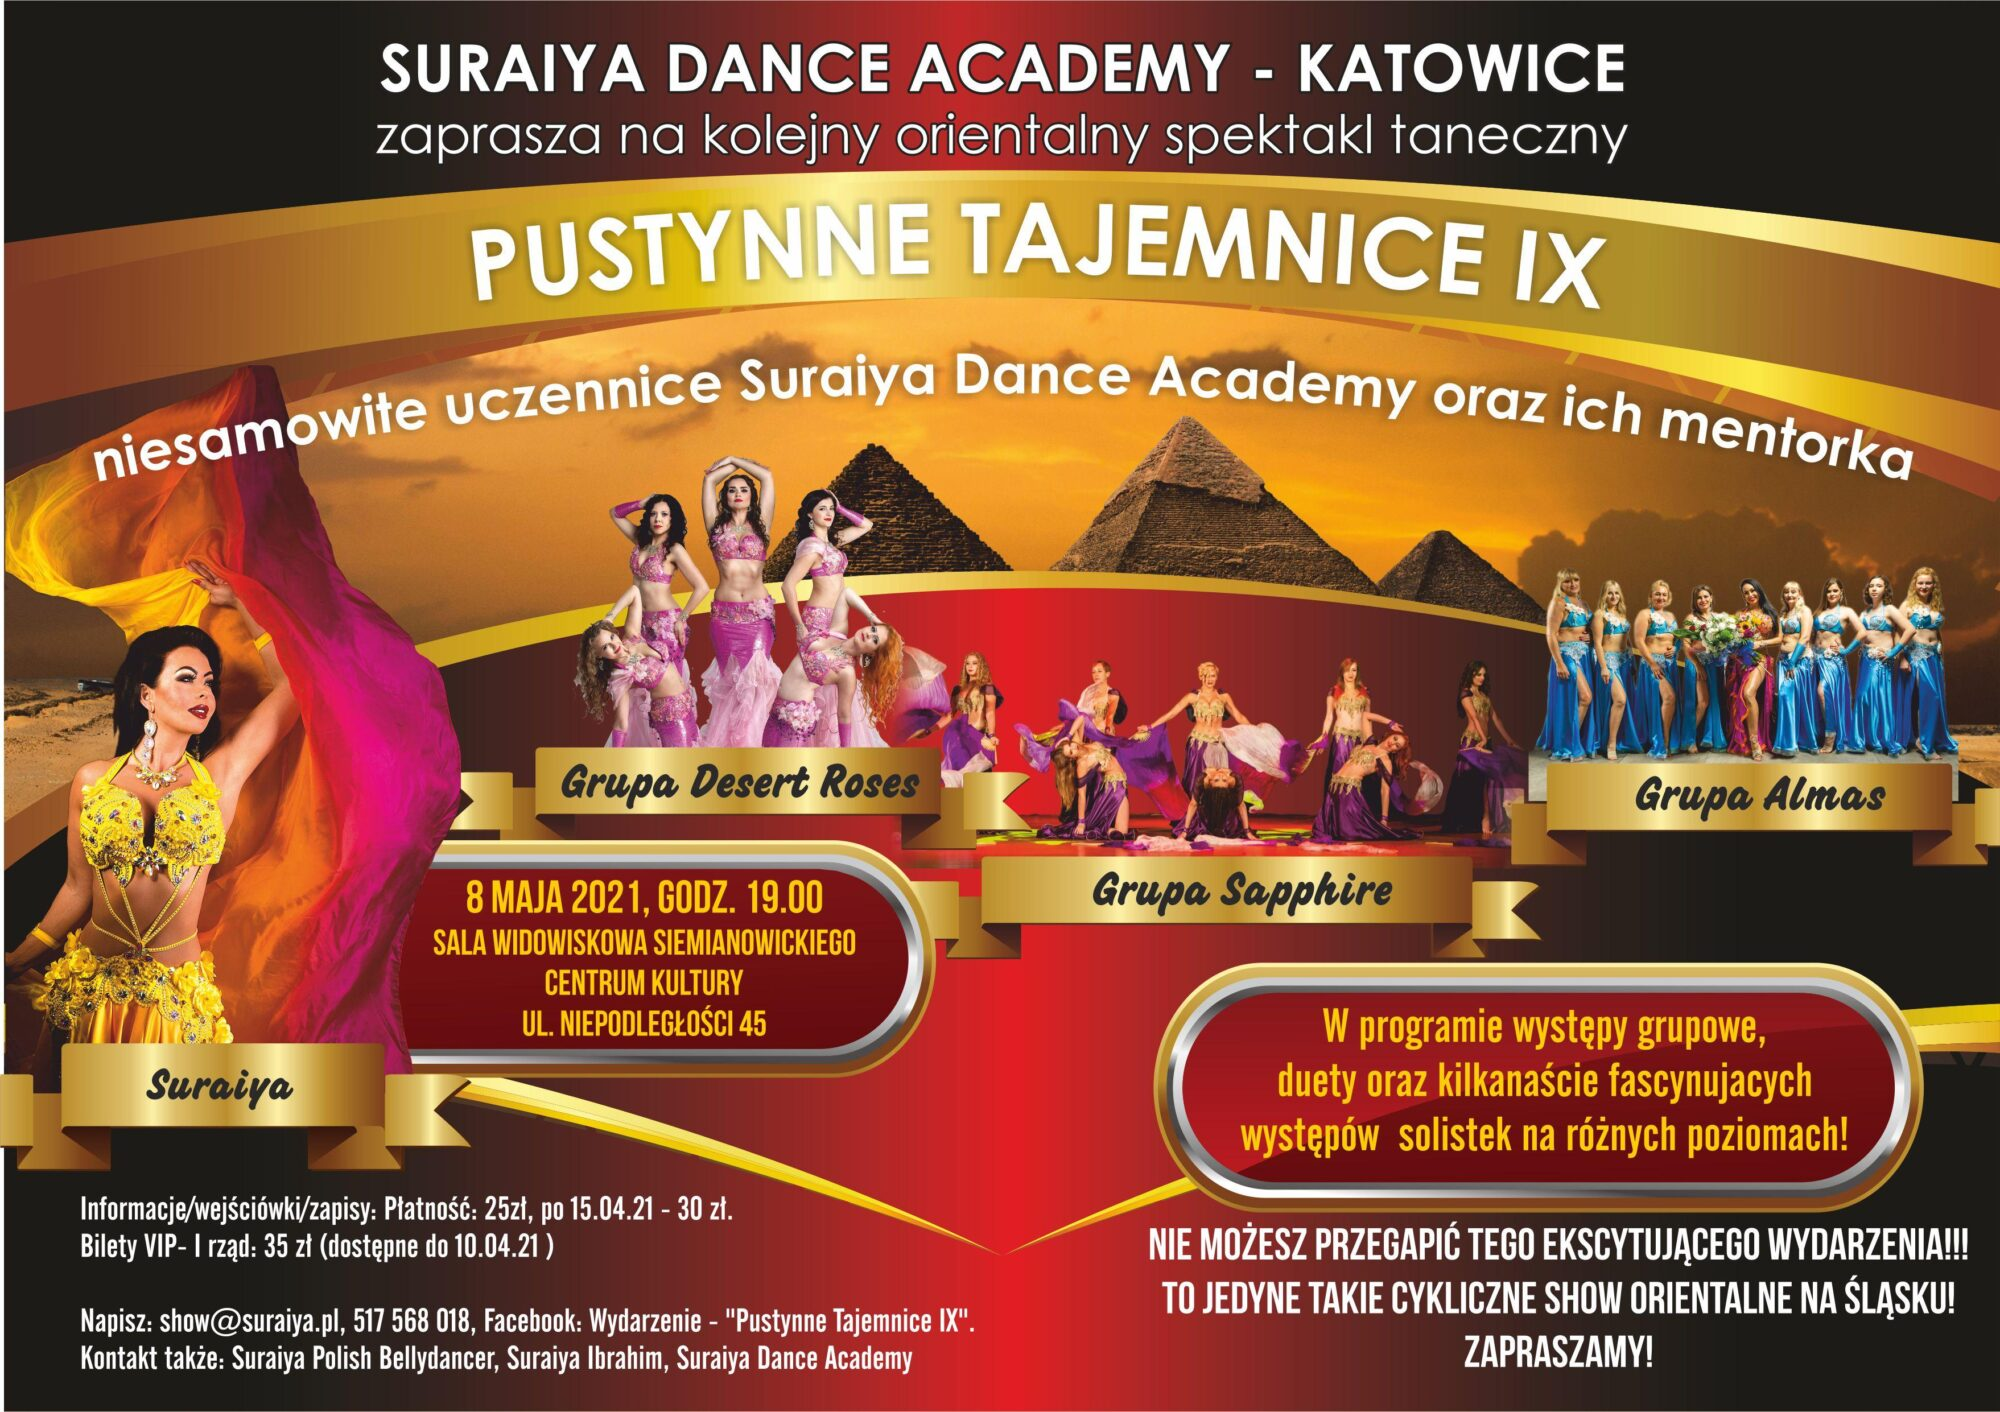 Kolorowy plakat spektaklu tanecznego Pustynne Tajemnice IX